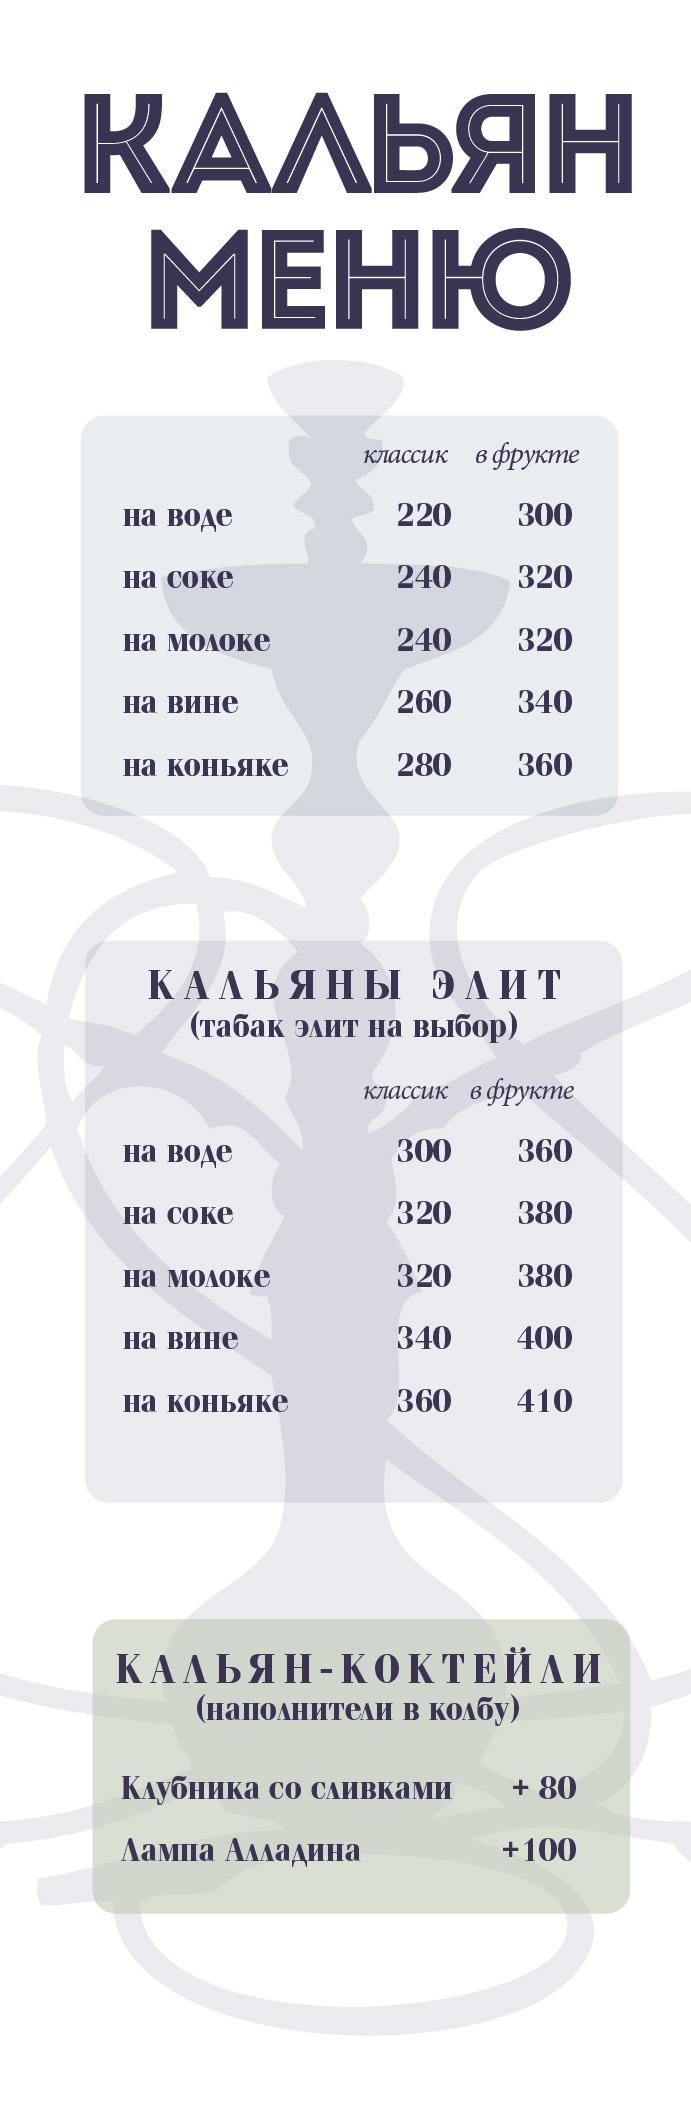 Кальян меню ресторана СМОРОДИНА